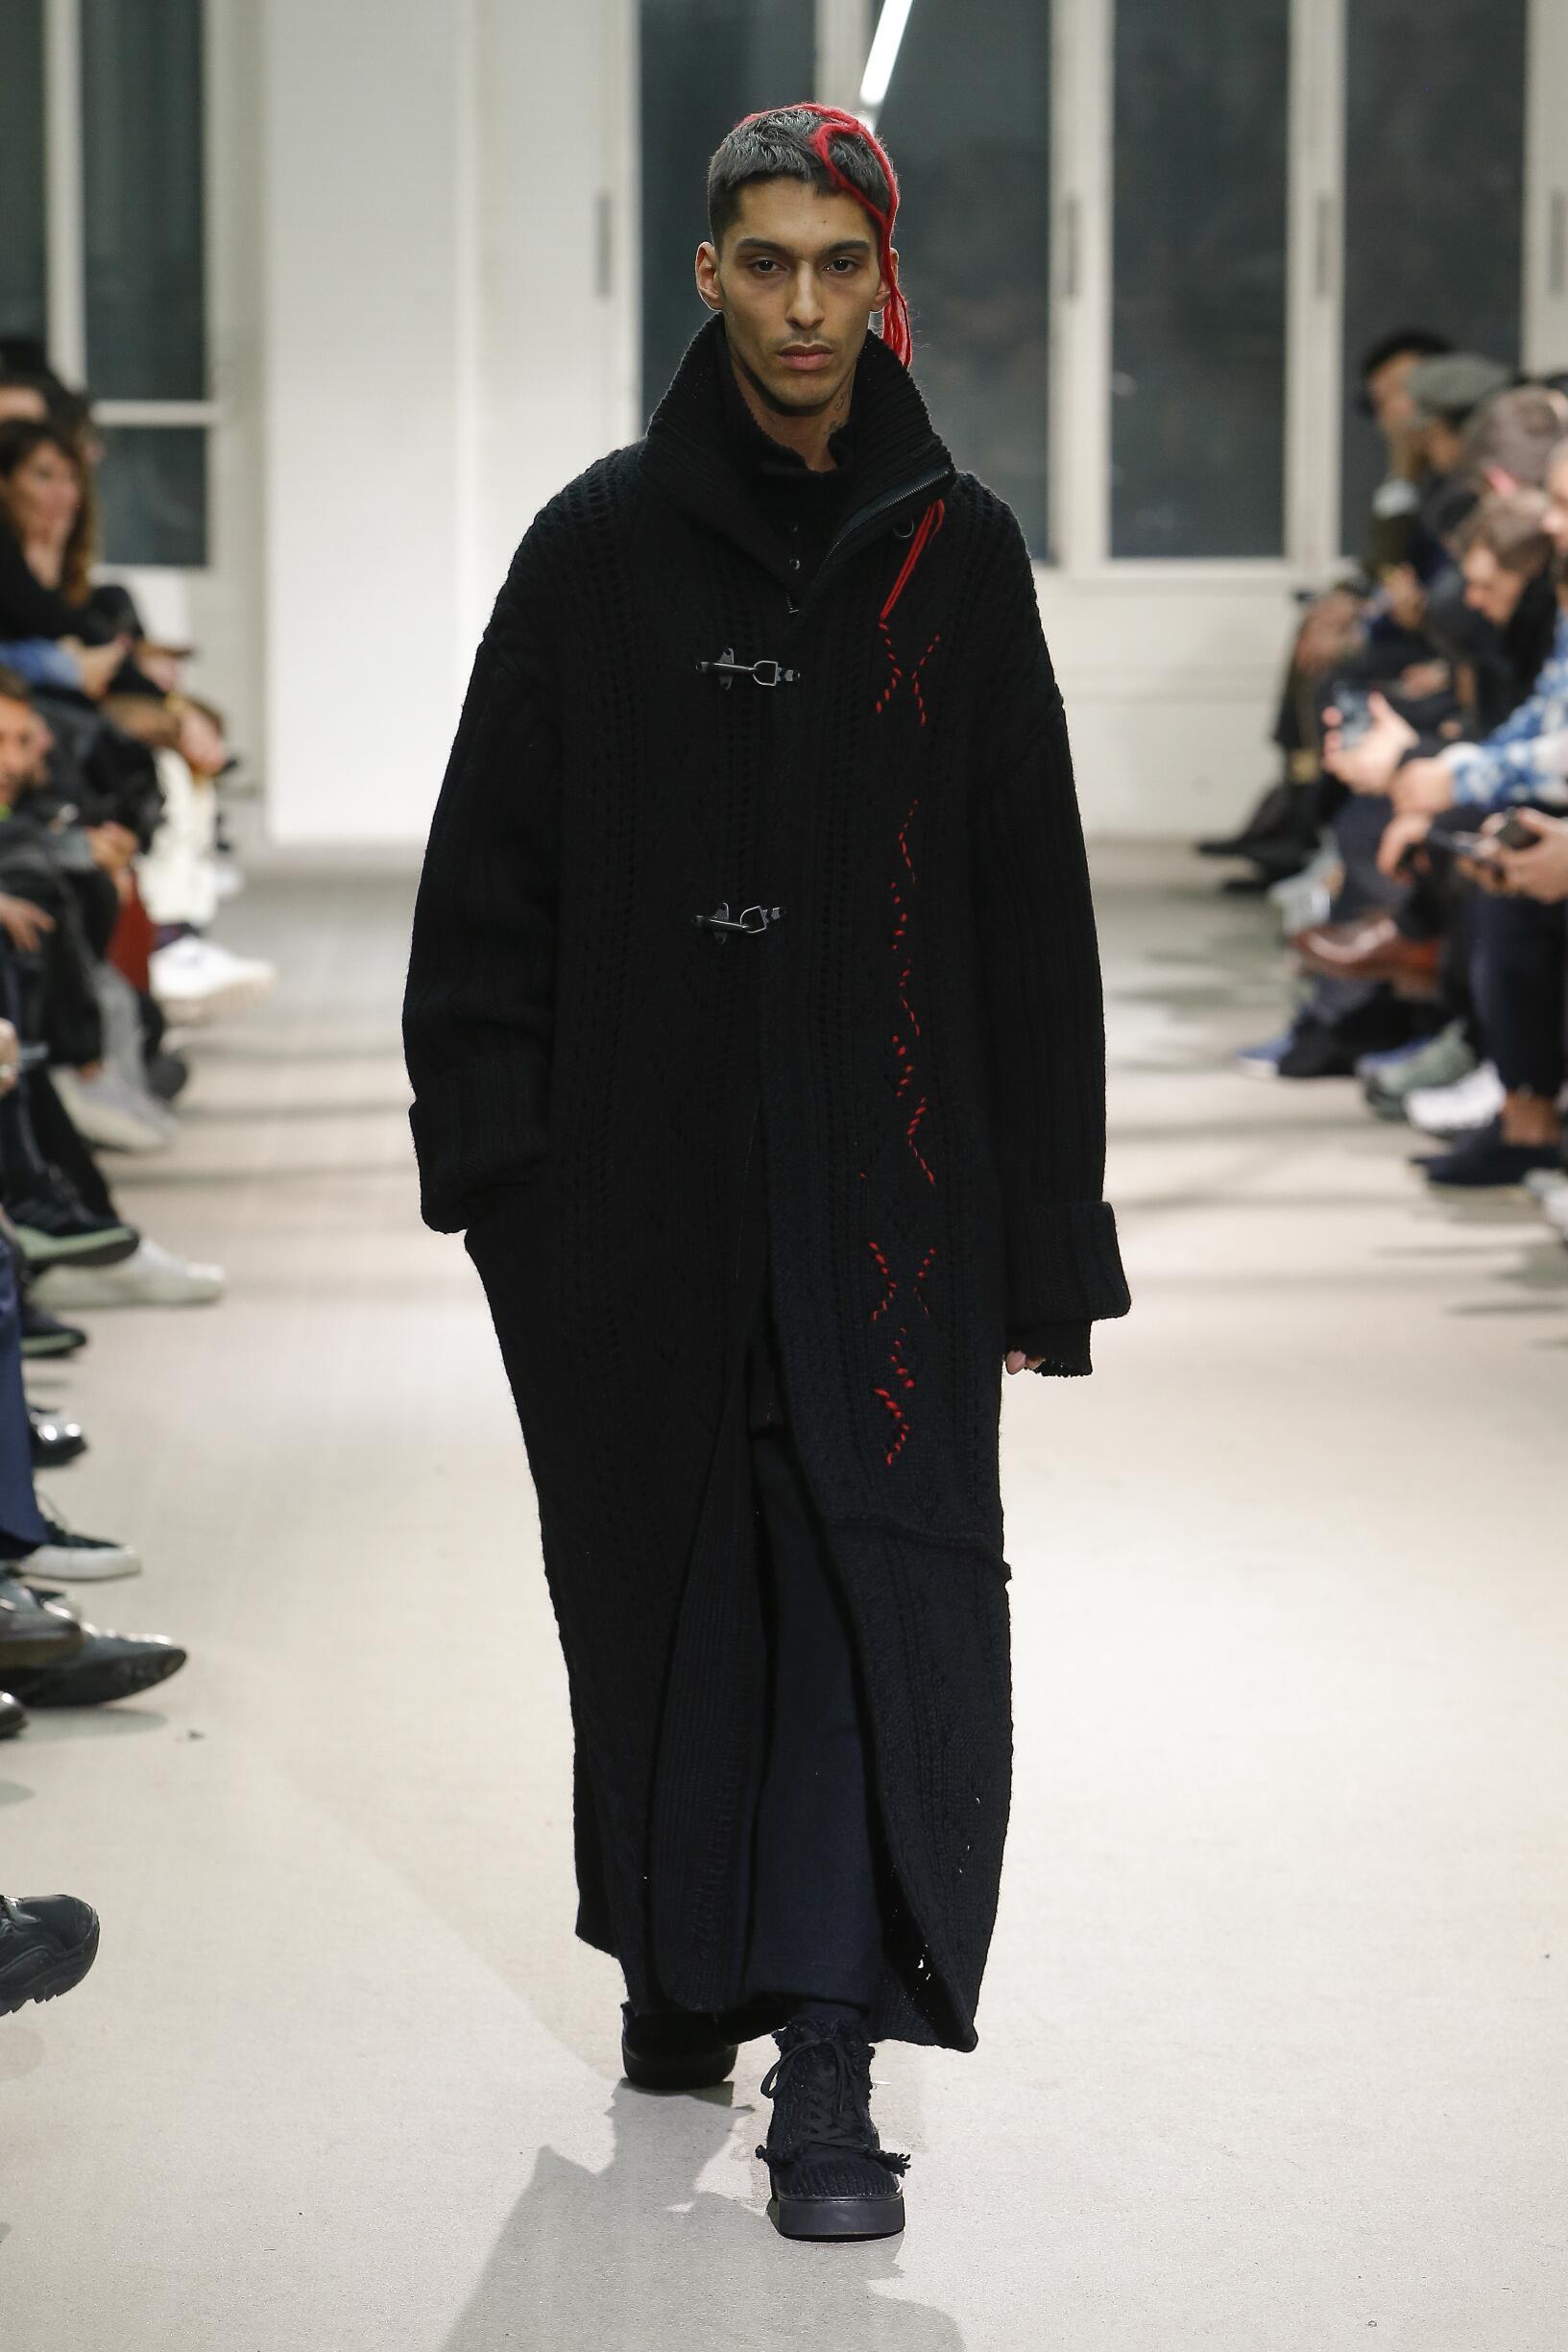 Yohji Yamamoto Menswear Fashion Show